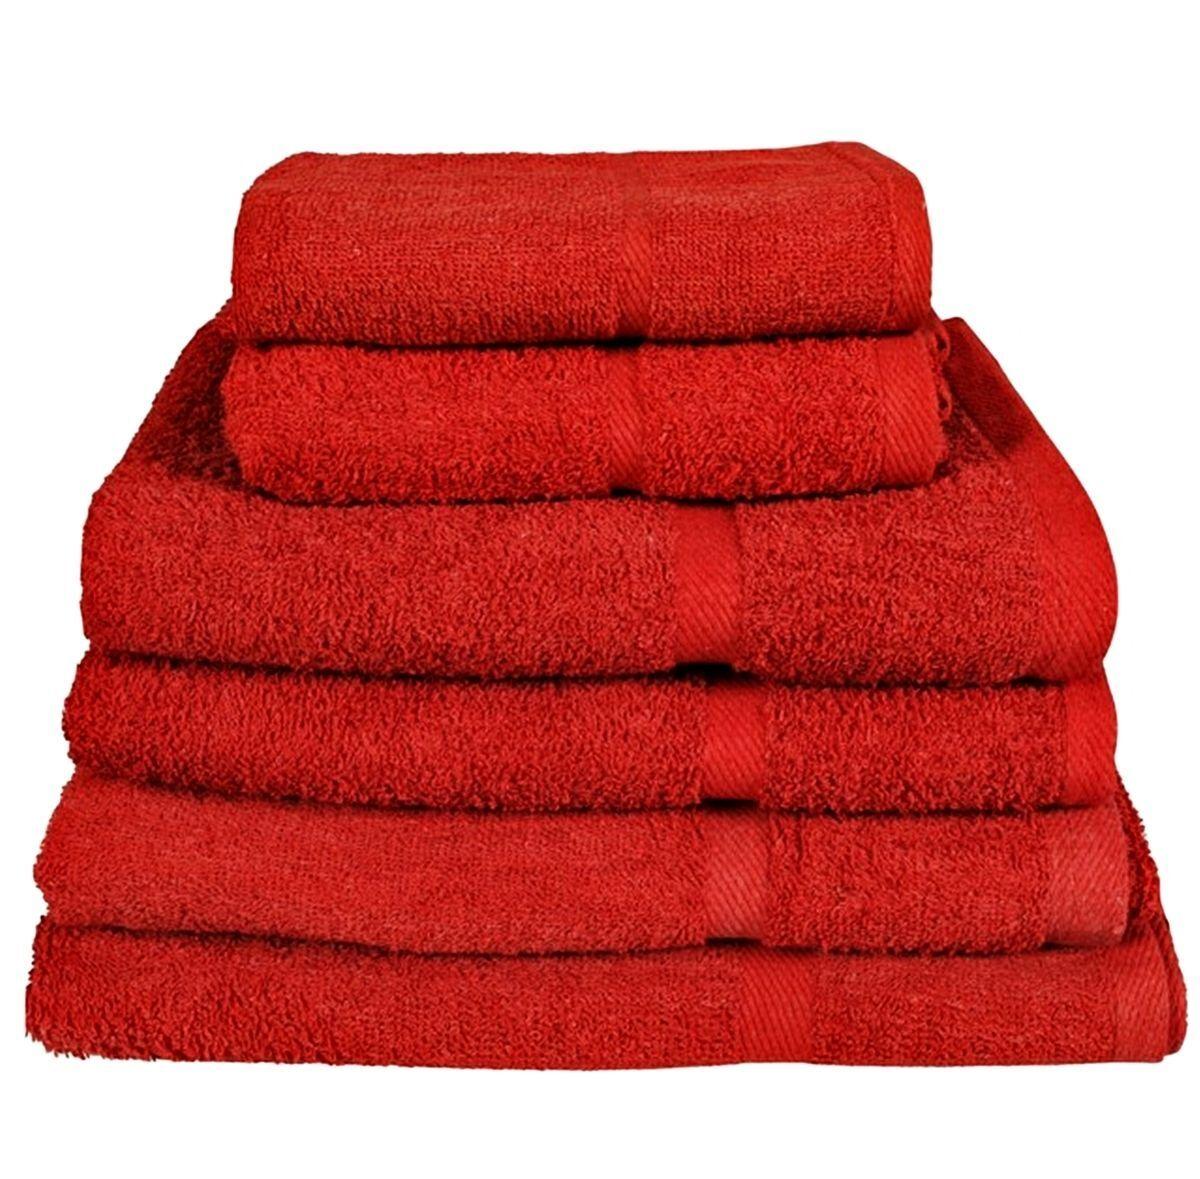 100% Cotone Supersoft Egiziano Asciugamano lusso pettinato Supersoft Cotone 450GSM Mano Asciugamano Da Bagno Foglio 99194f